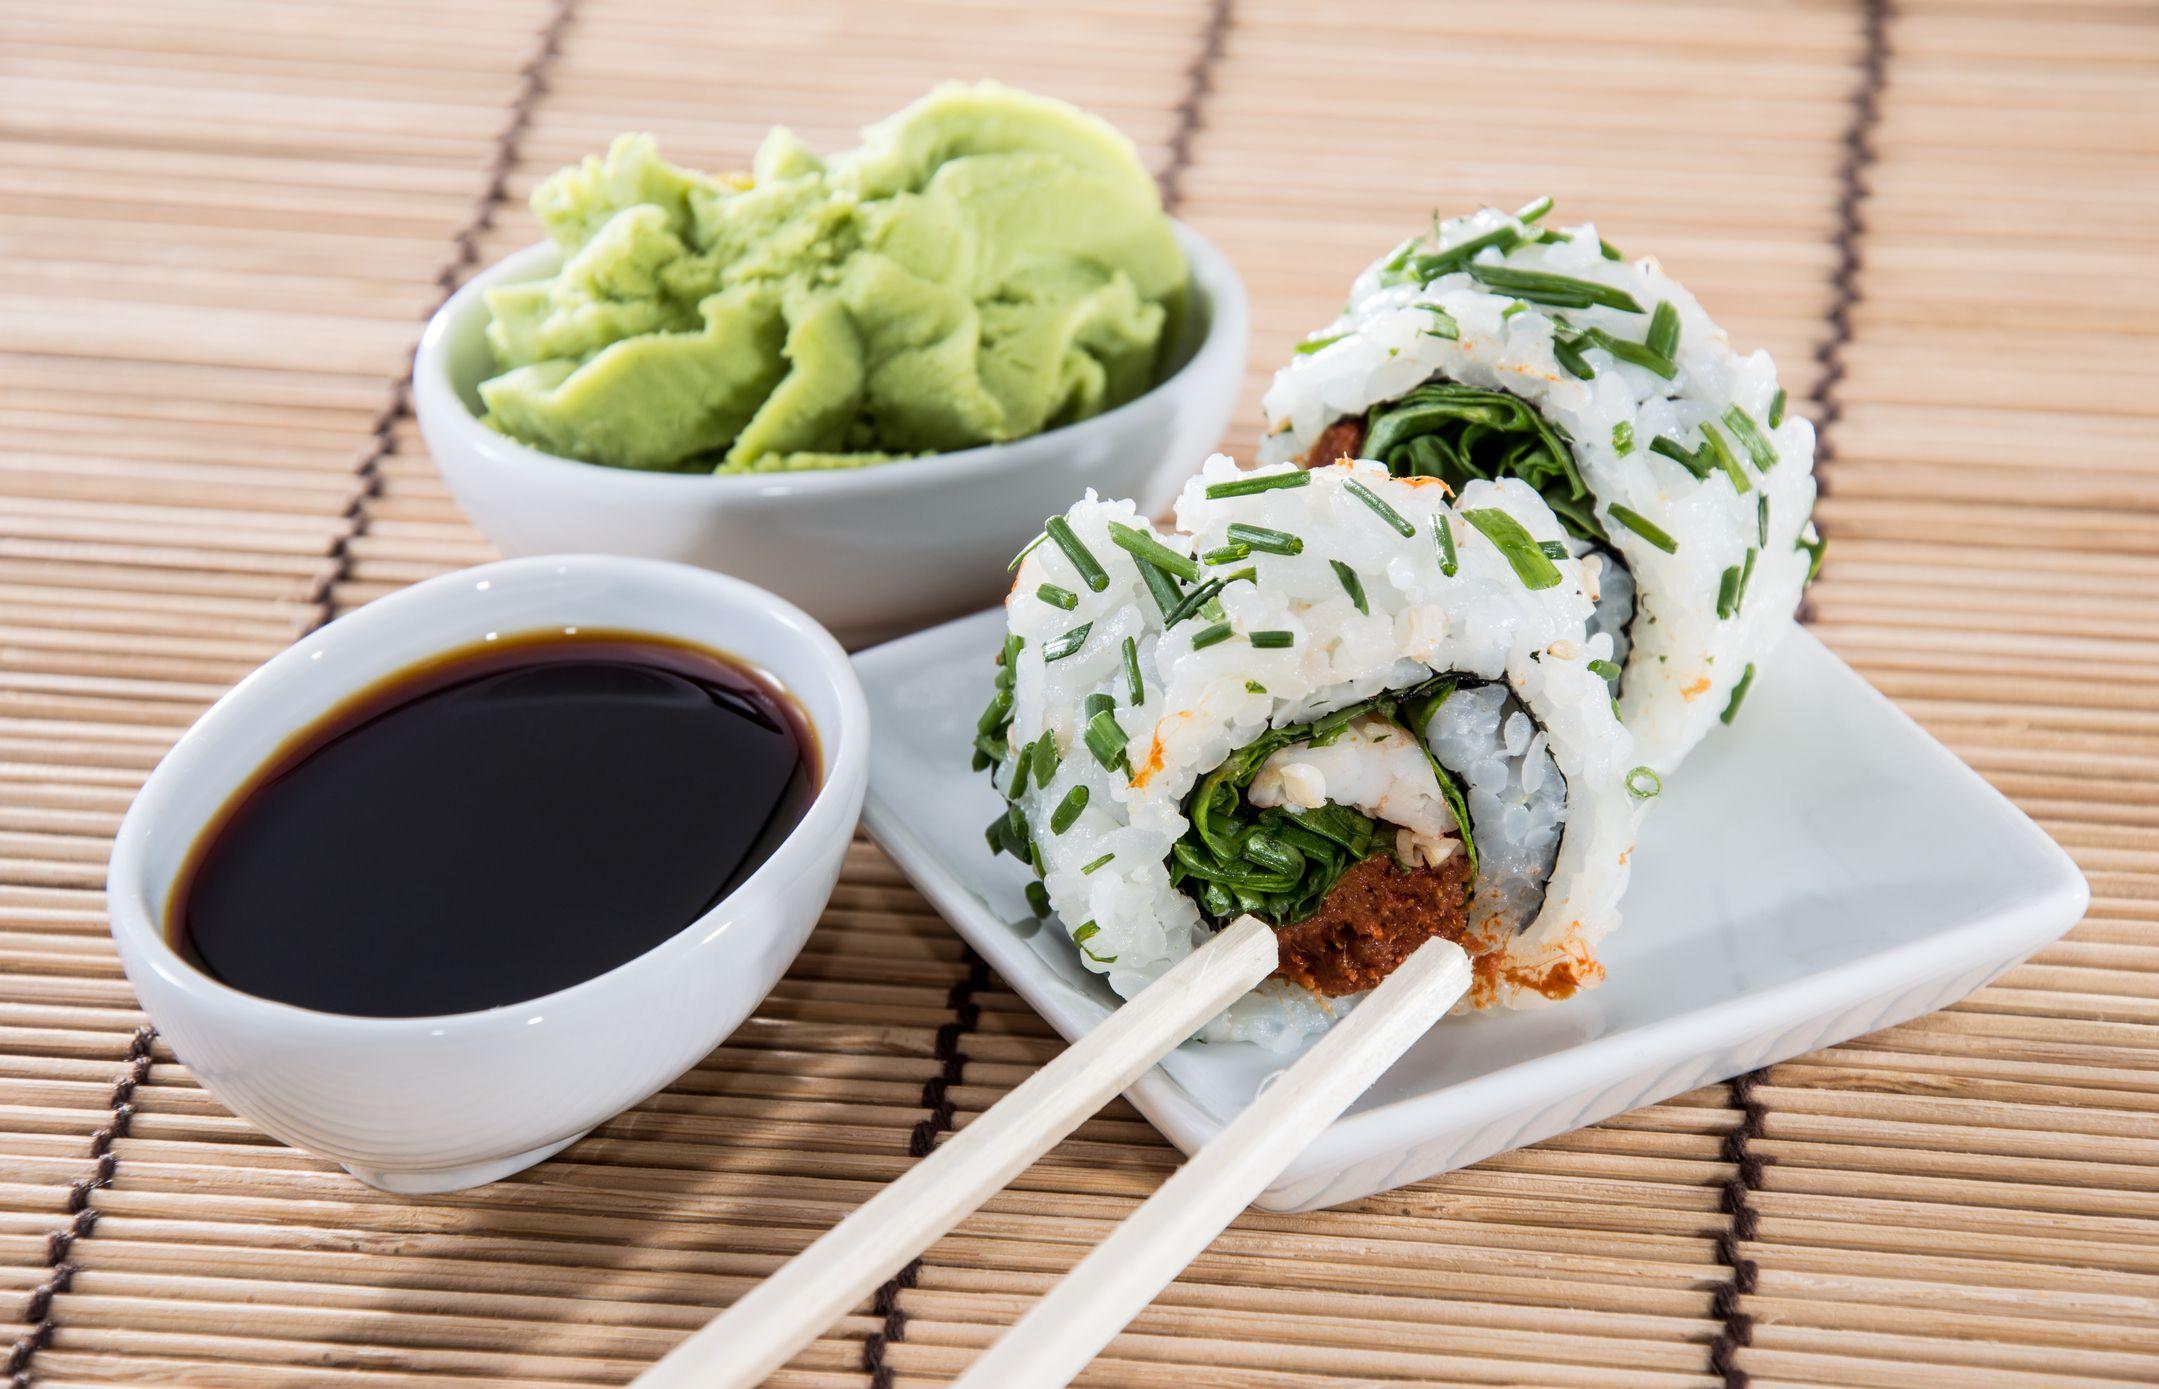 El wasabi es una pasta picante de color verde que suele usarse para acompañar al sushi.